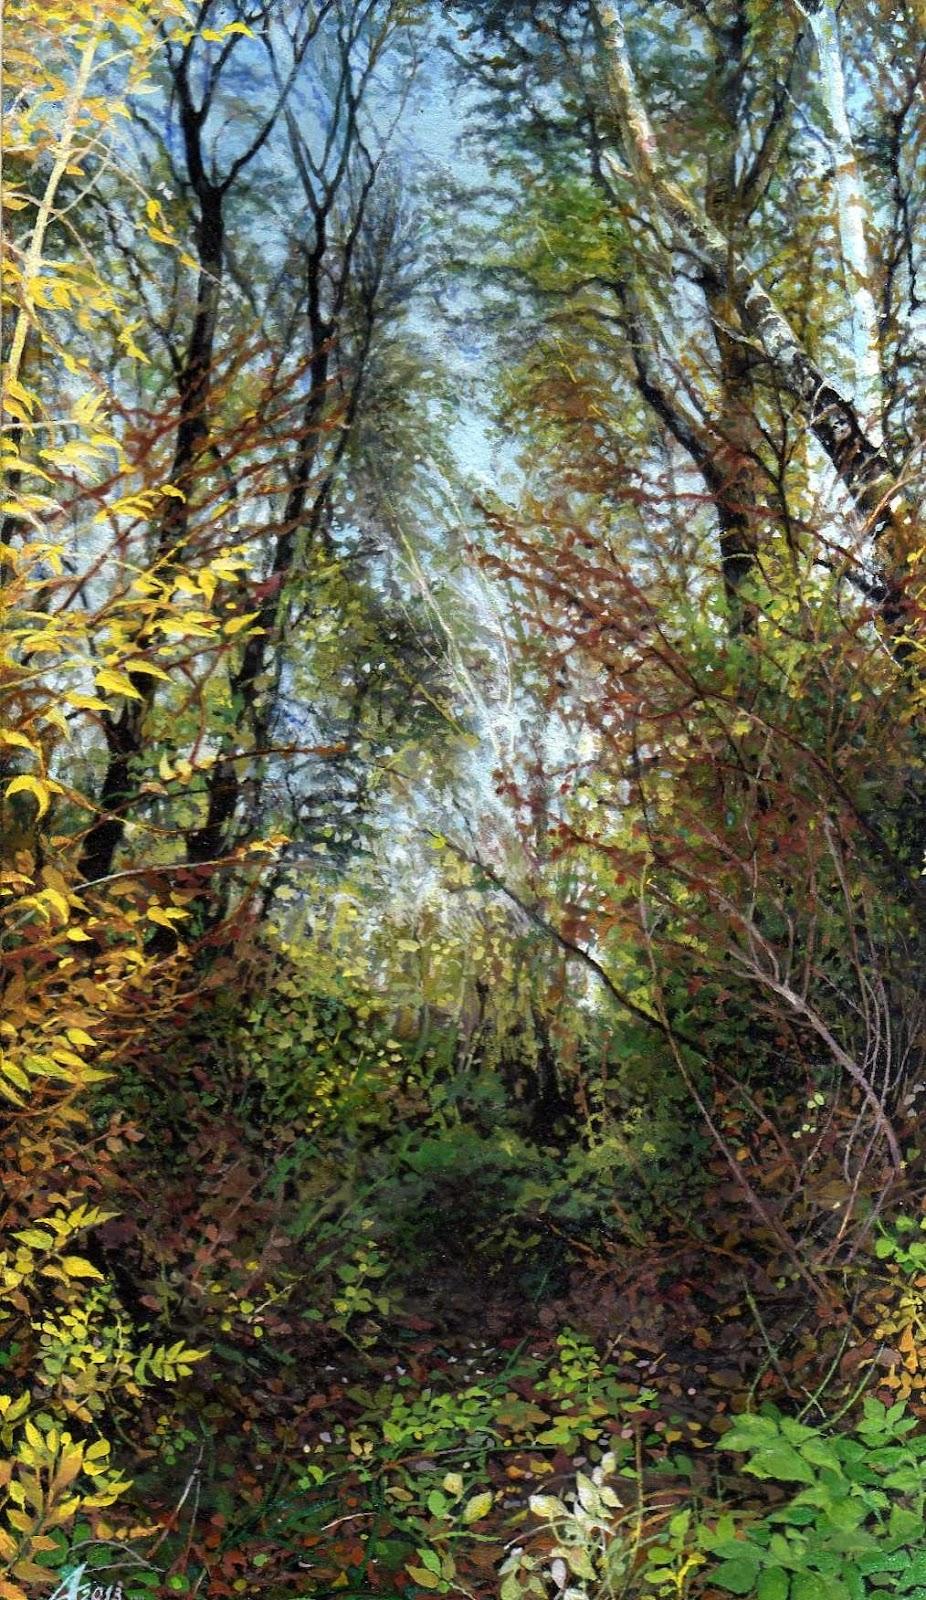 AUTUMN FOREST EDGE I - Miniatura, MMXIII - Tempera on carton - 5,51 X 3,54 in.jpg